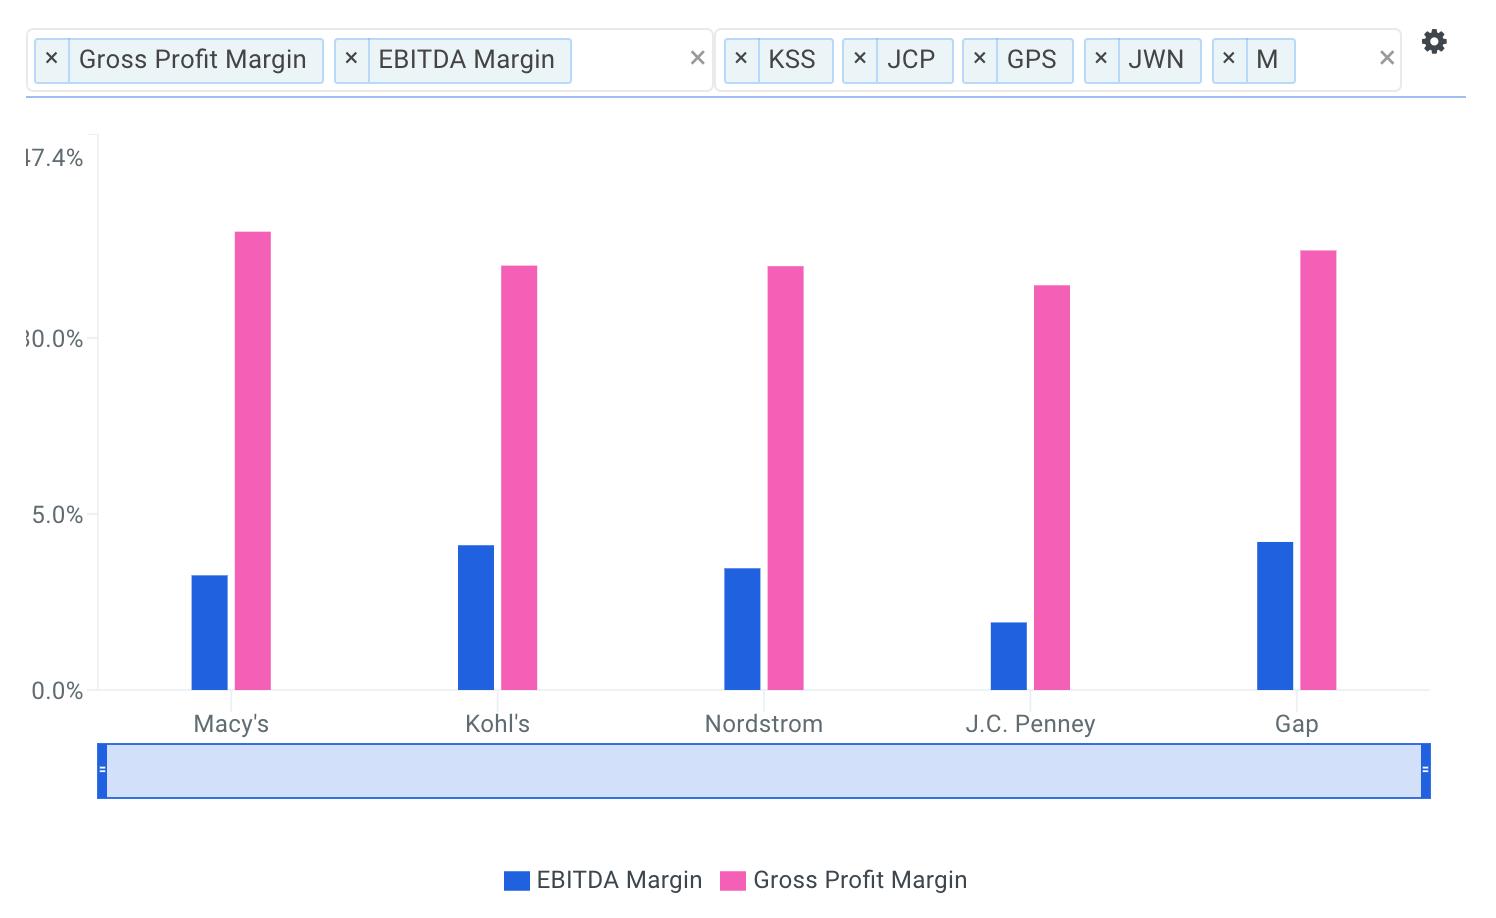 Macy's Margins vs Peers Chart